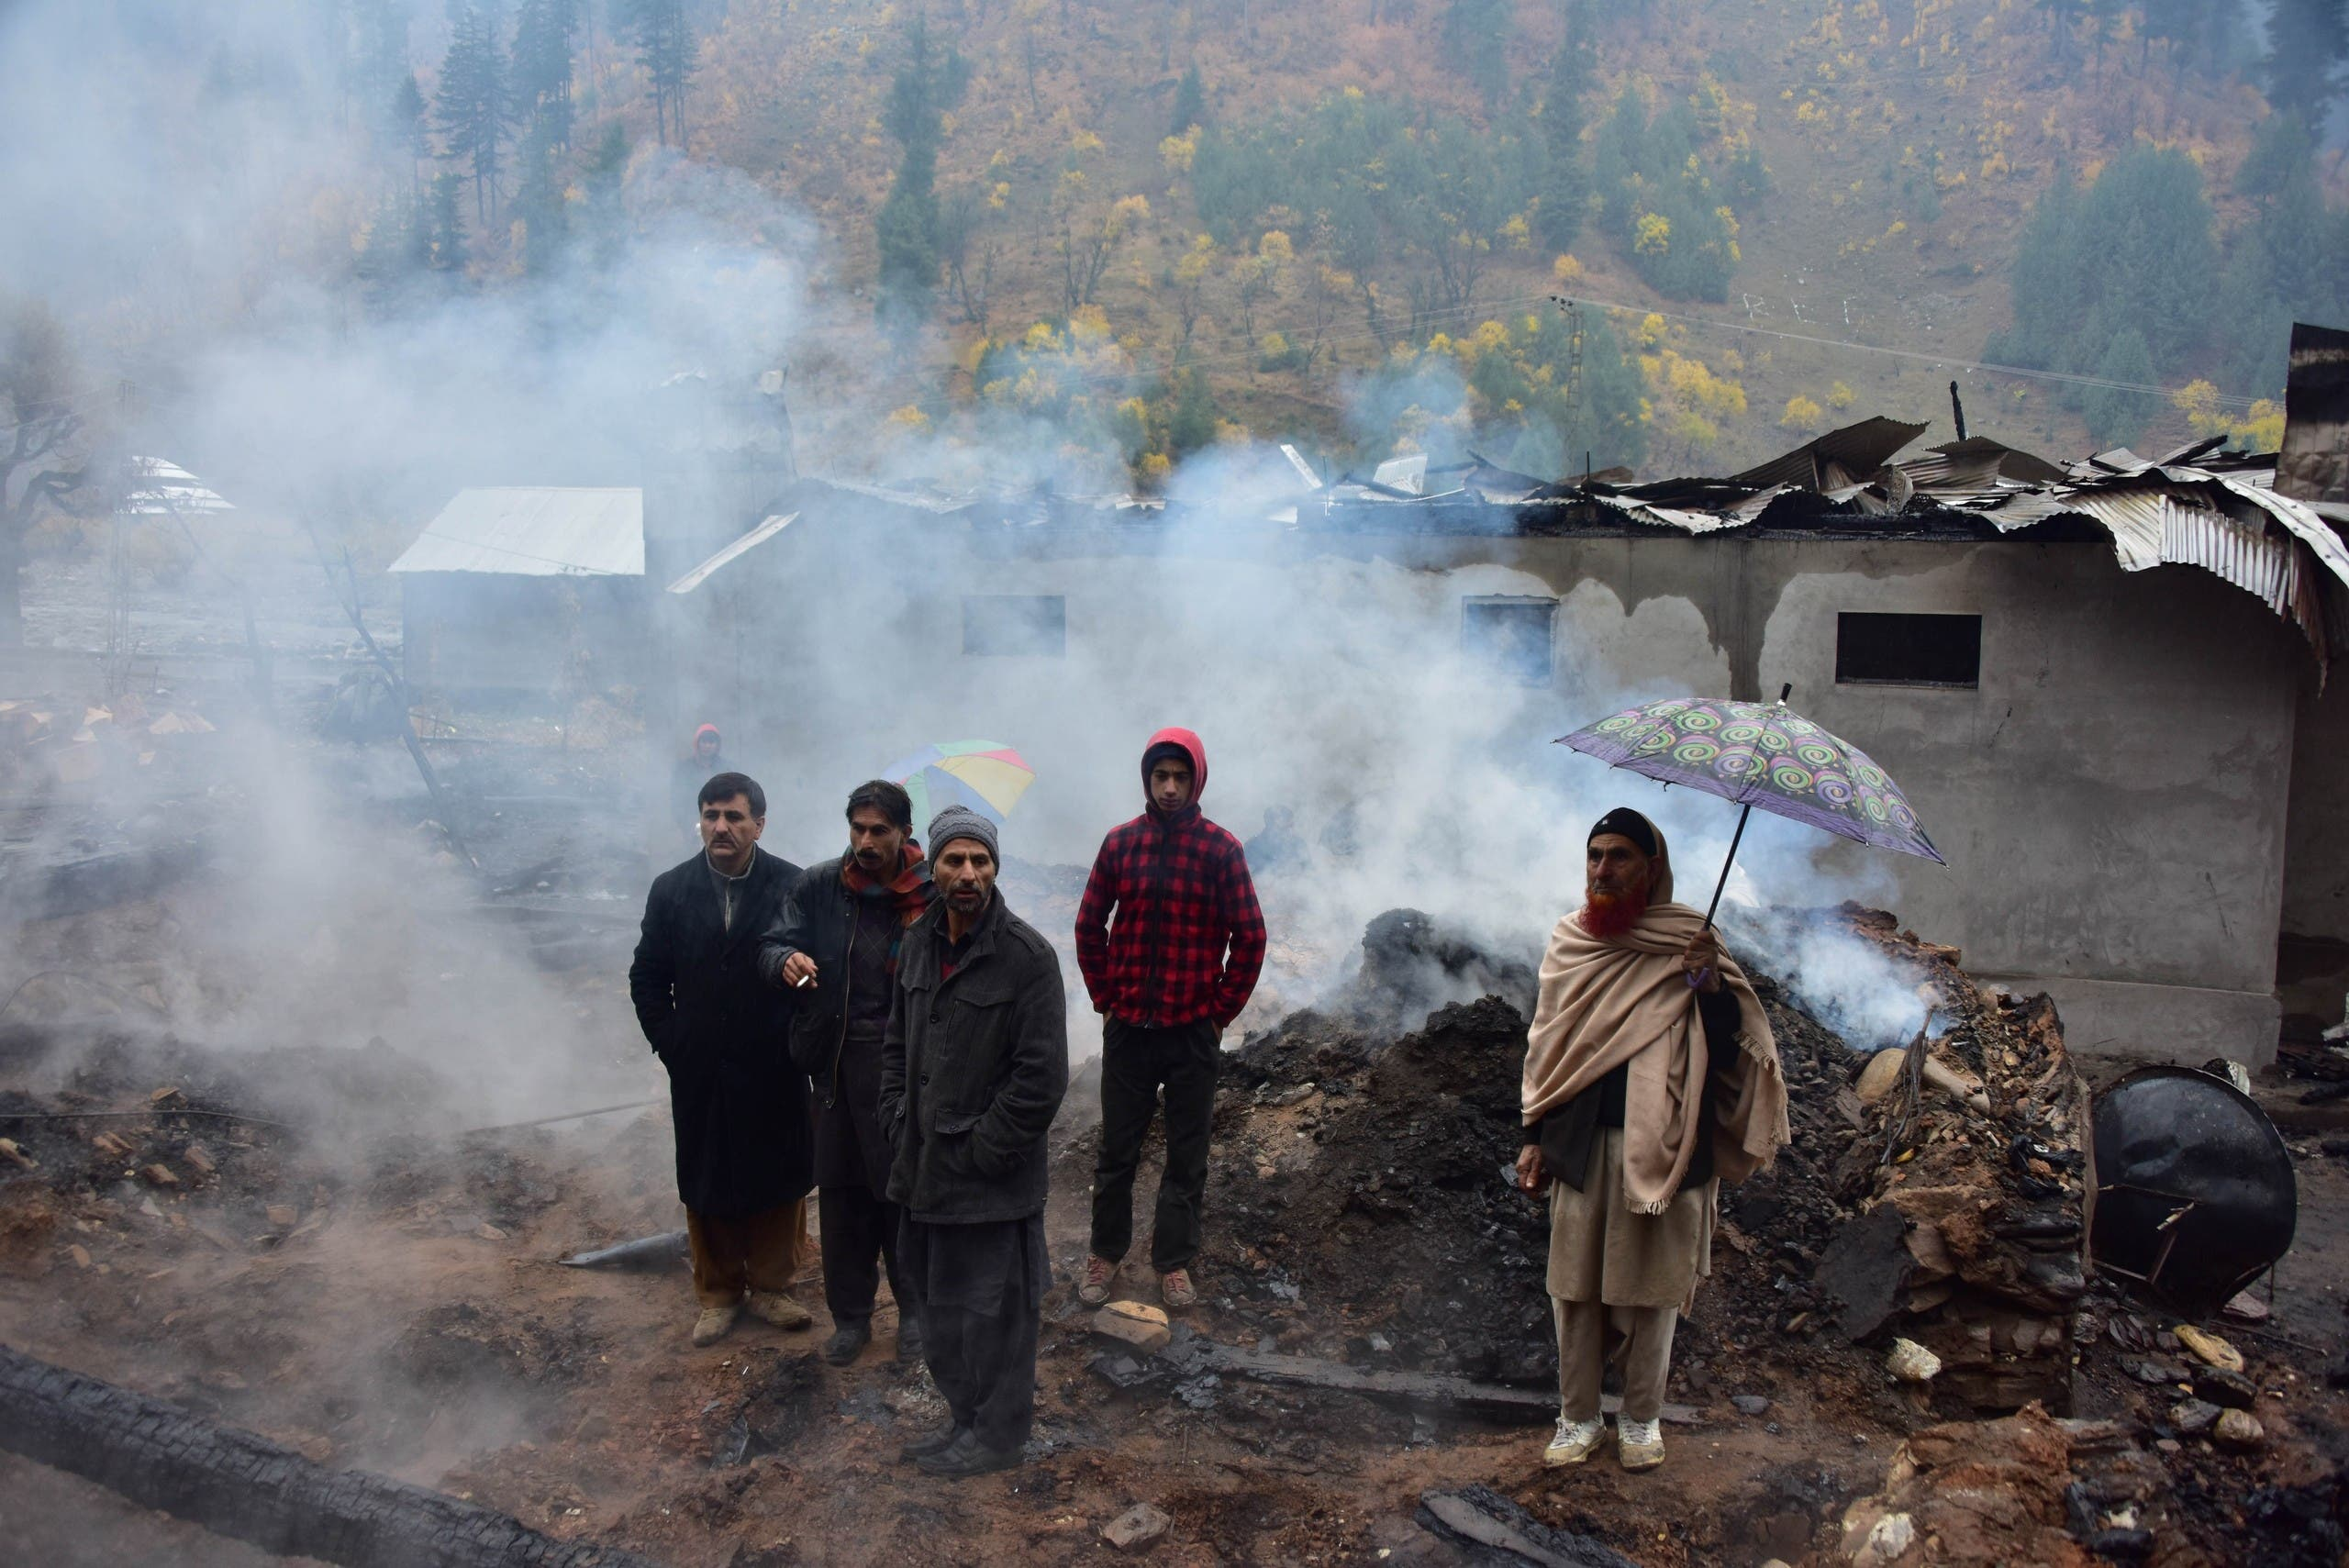 سكان من كشمير يقفون أمام منازل مدمرة بسبب القصف، الجمعة